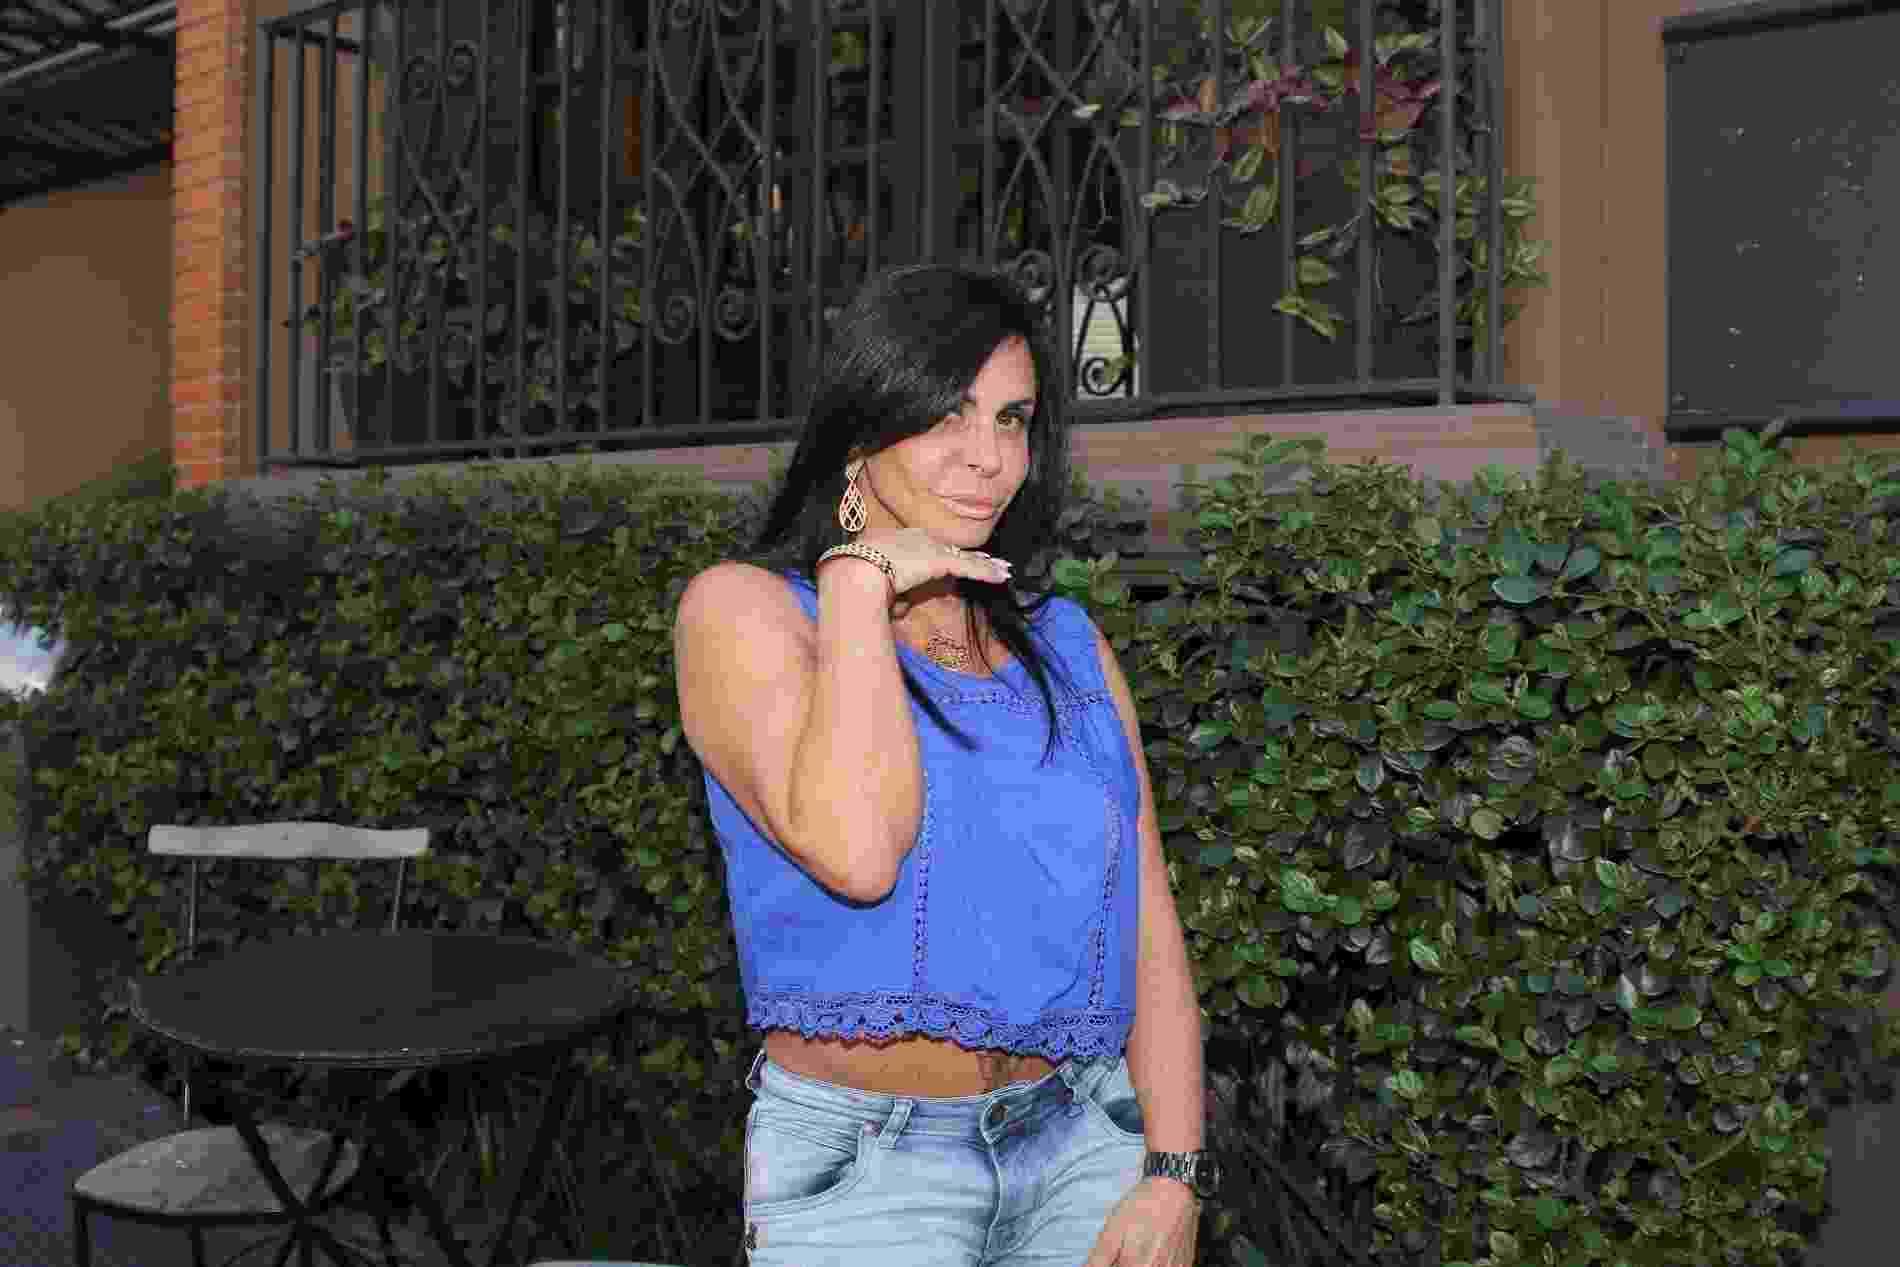 Aos 58 anos, Gretchen mostra sua boa forma e faz biquinho ao exibir a barriga usando uma blusa curtinha em São Paulo - Thiago Duran/AgNews